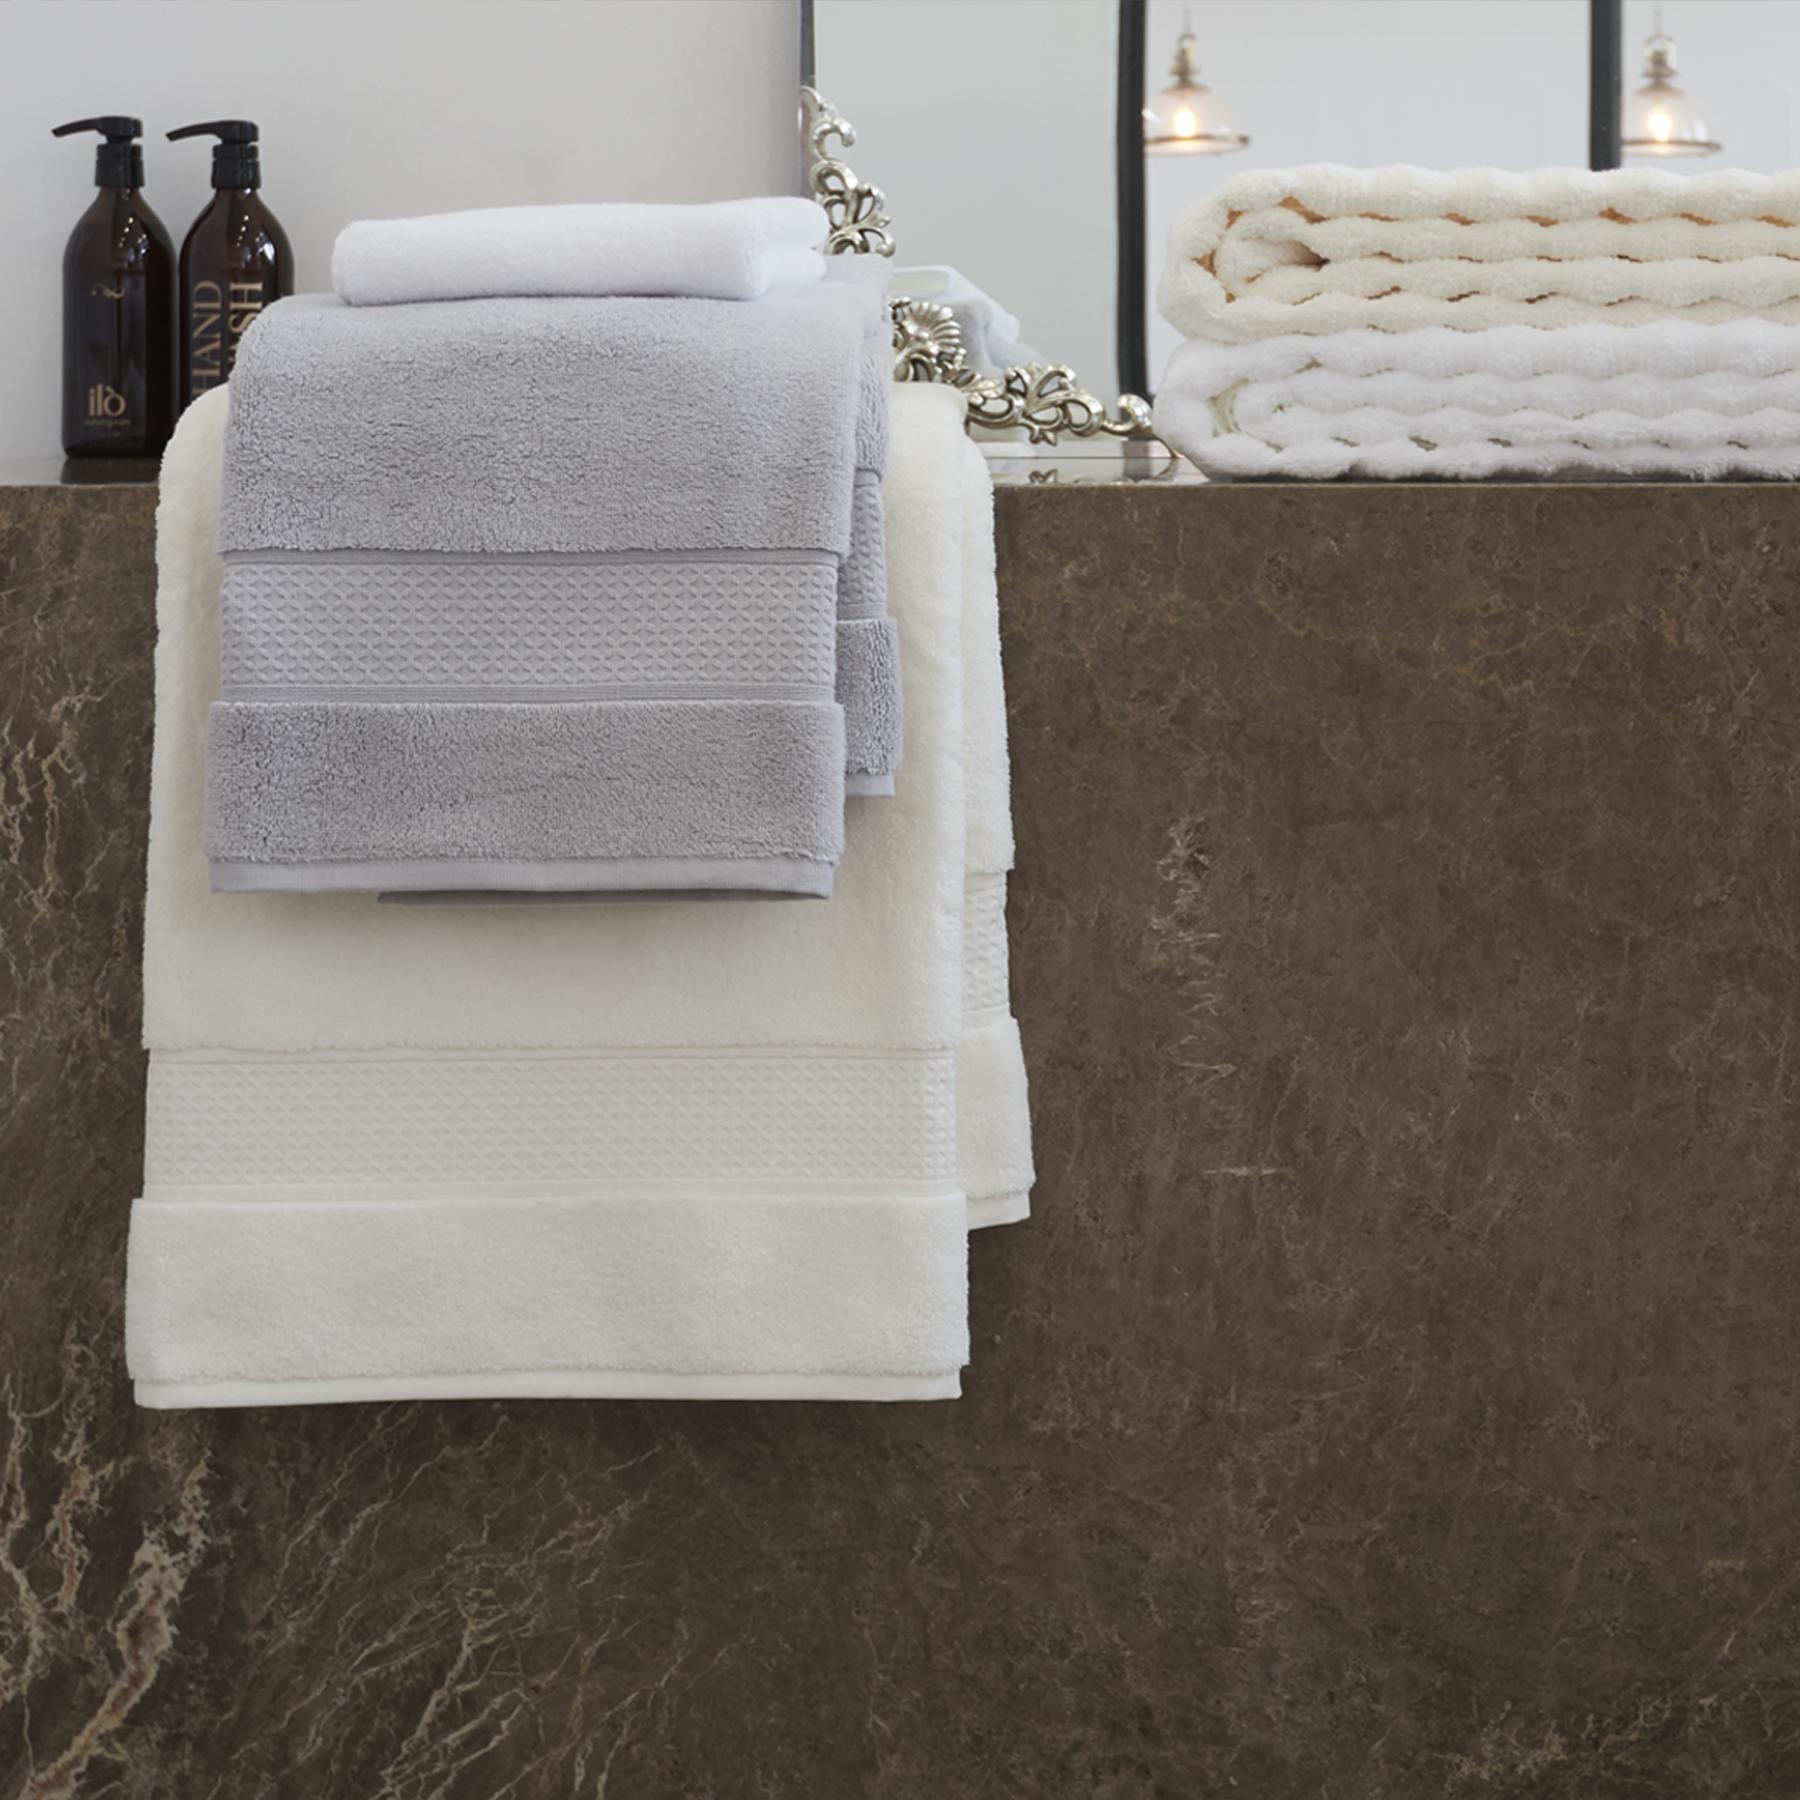 Nuestras toallas están diseñadas para darte una ...